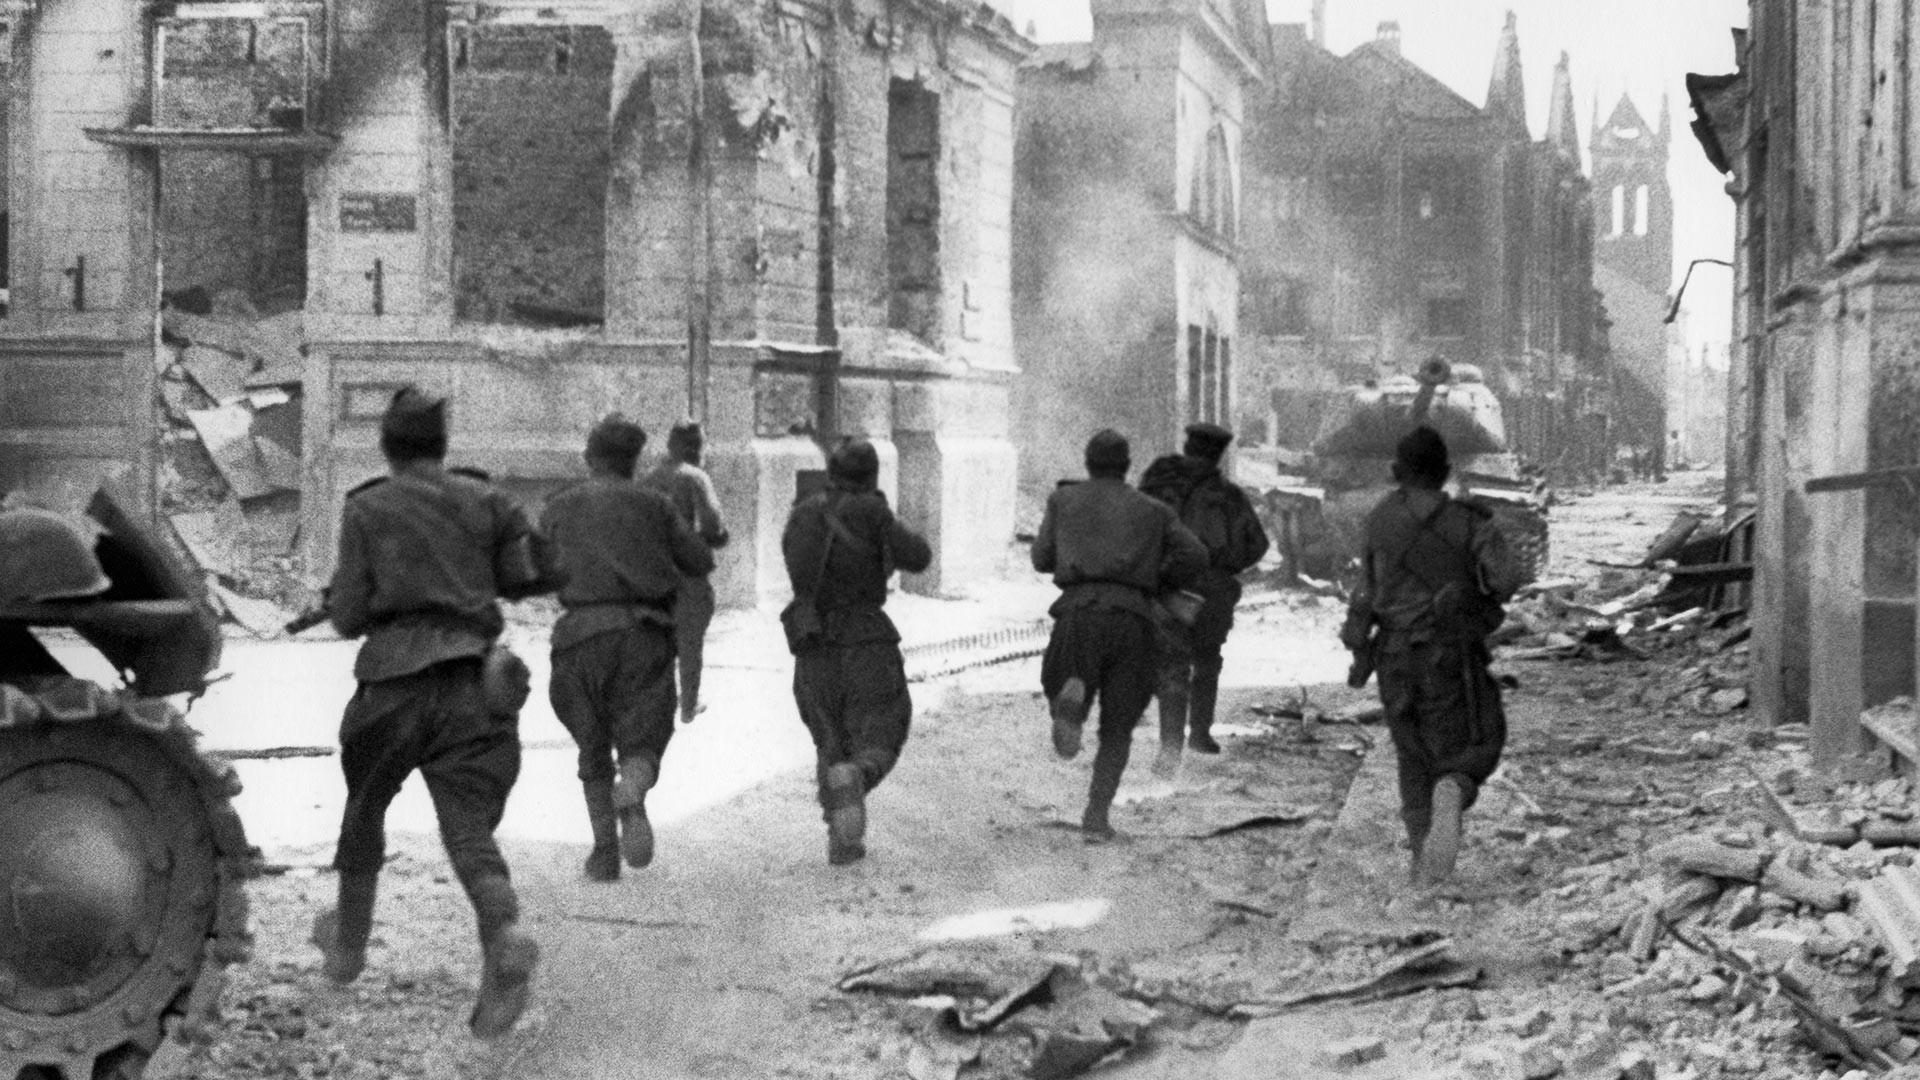 Војници Првог прибалтијског фронта наоружани аутоматима воде уличне борбе са немачко-фашистичким освајачима.